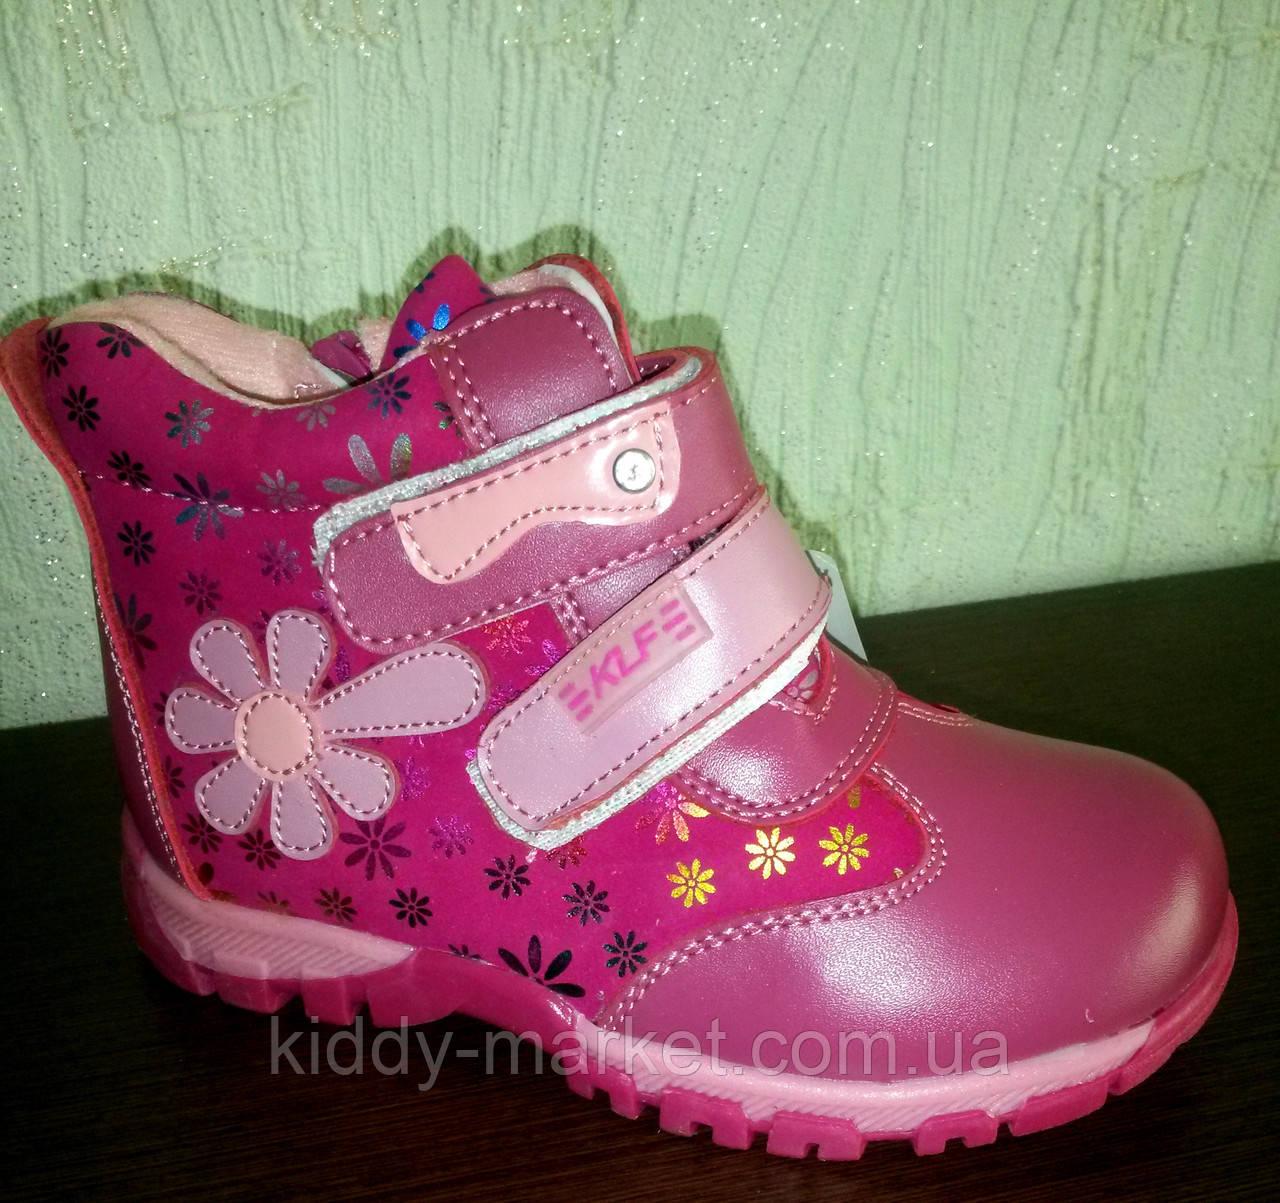 Ботинки детские кожаные  для девочки 26 р